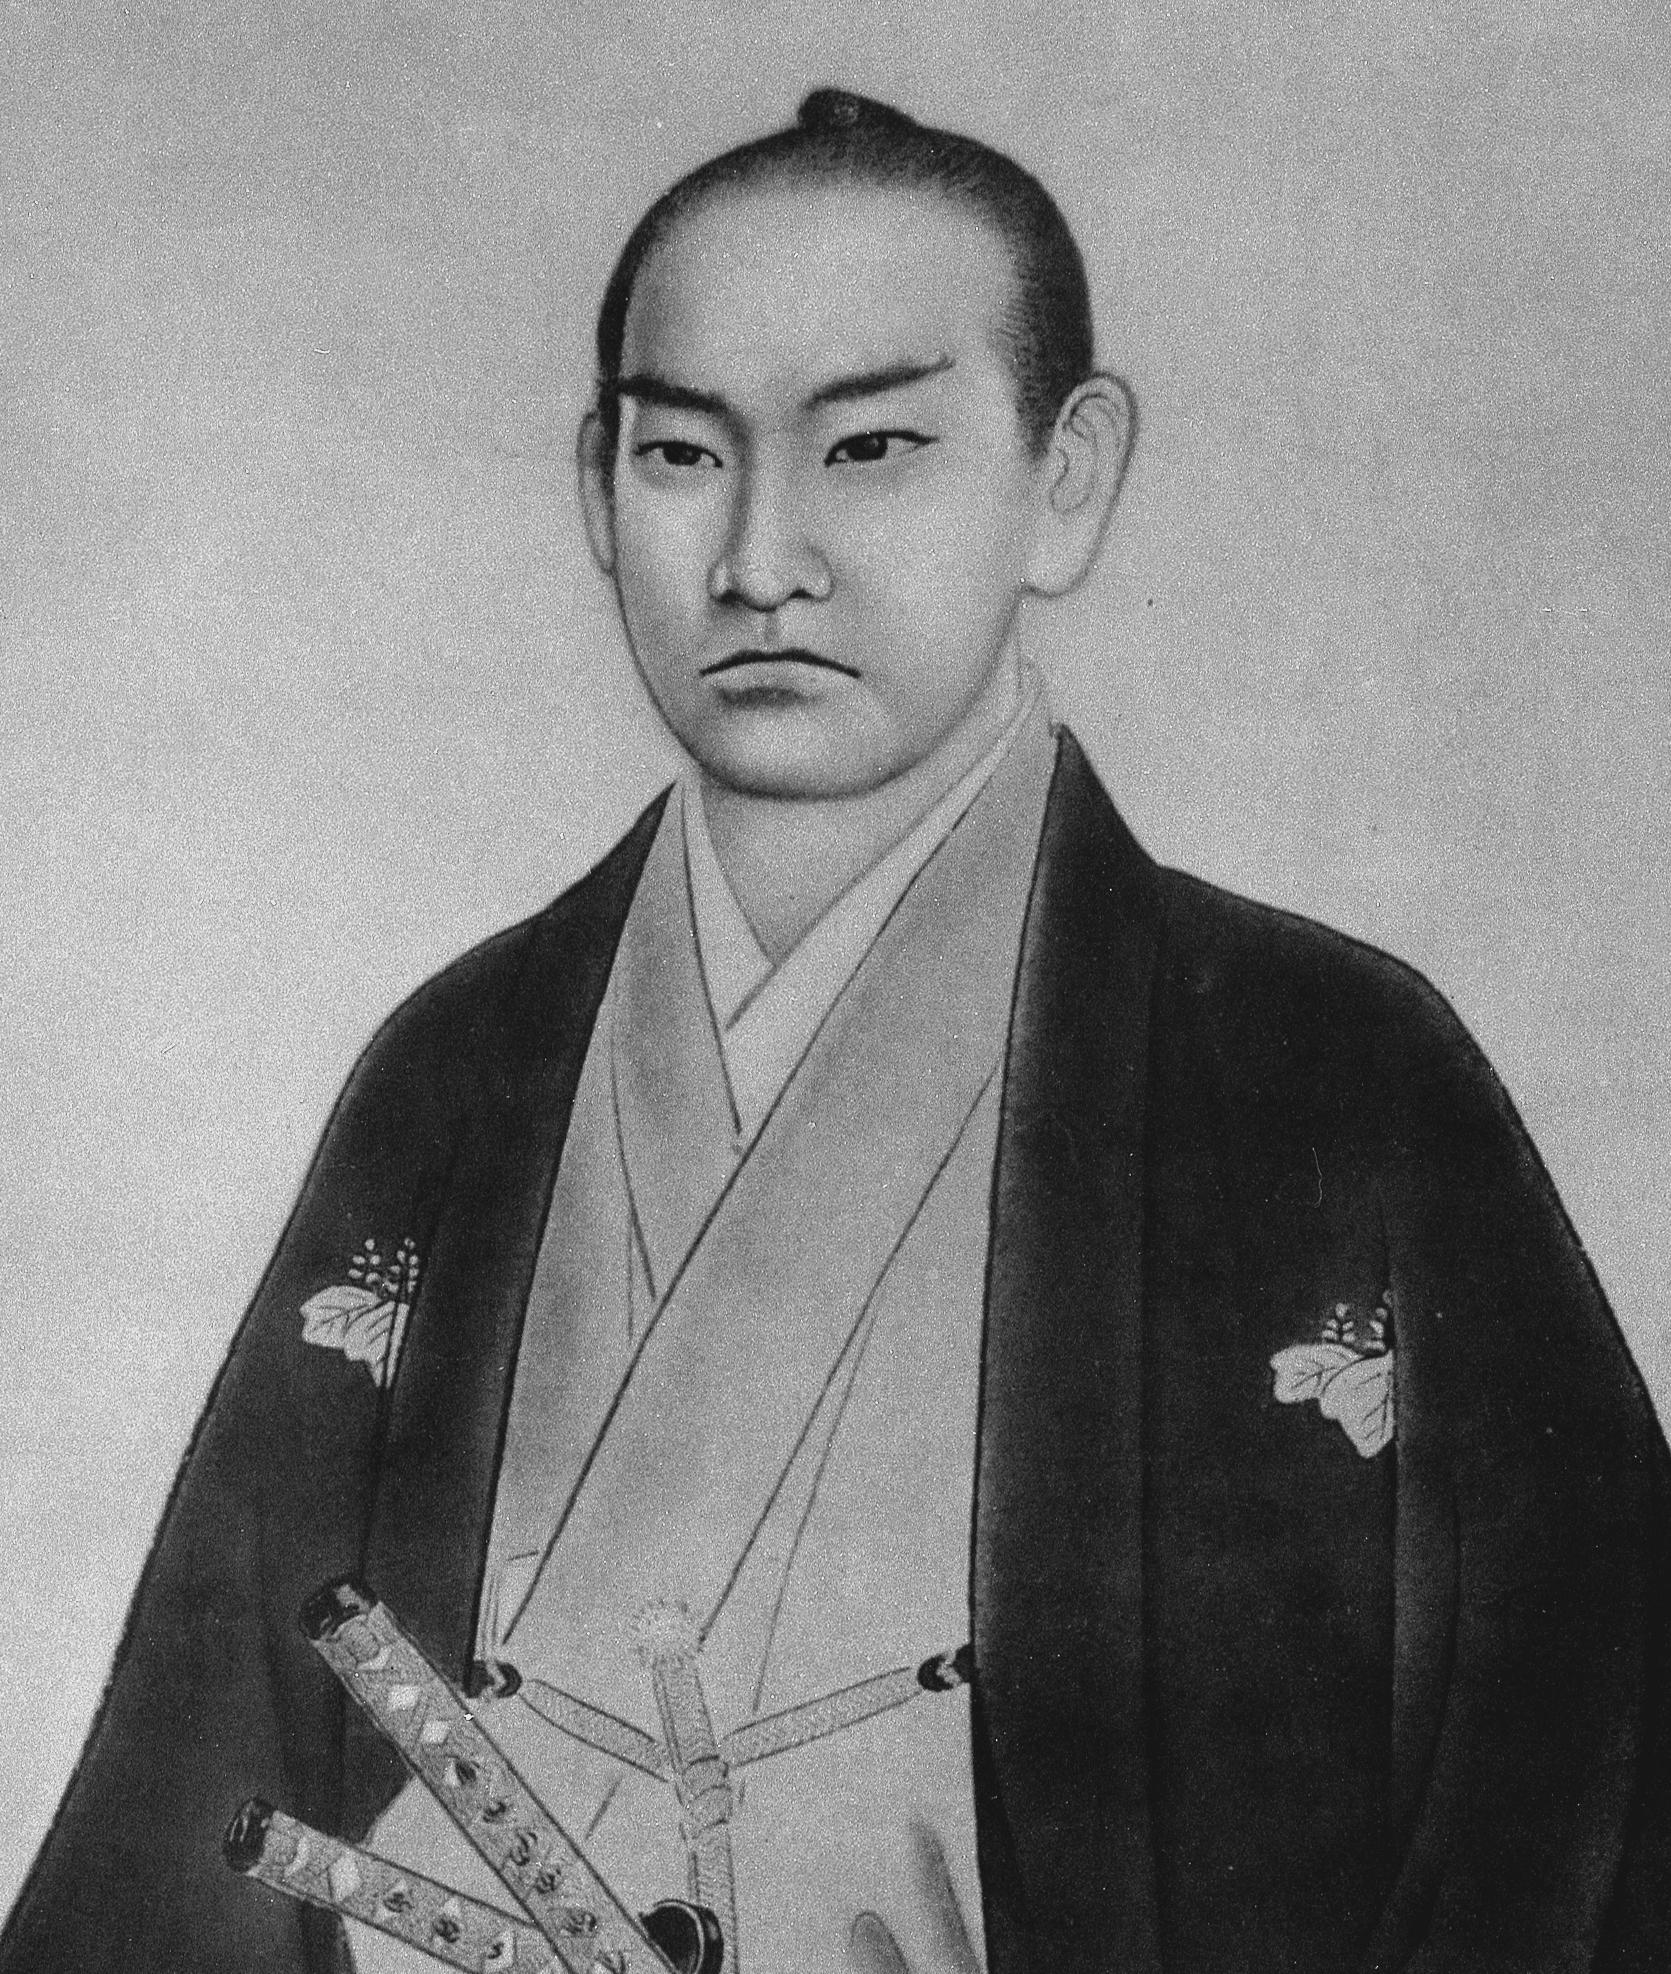 橋本左内肖像画(島田墨仙作) 01.jpg